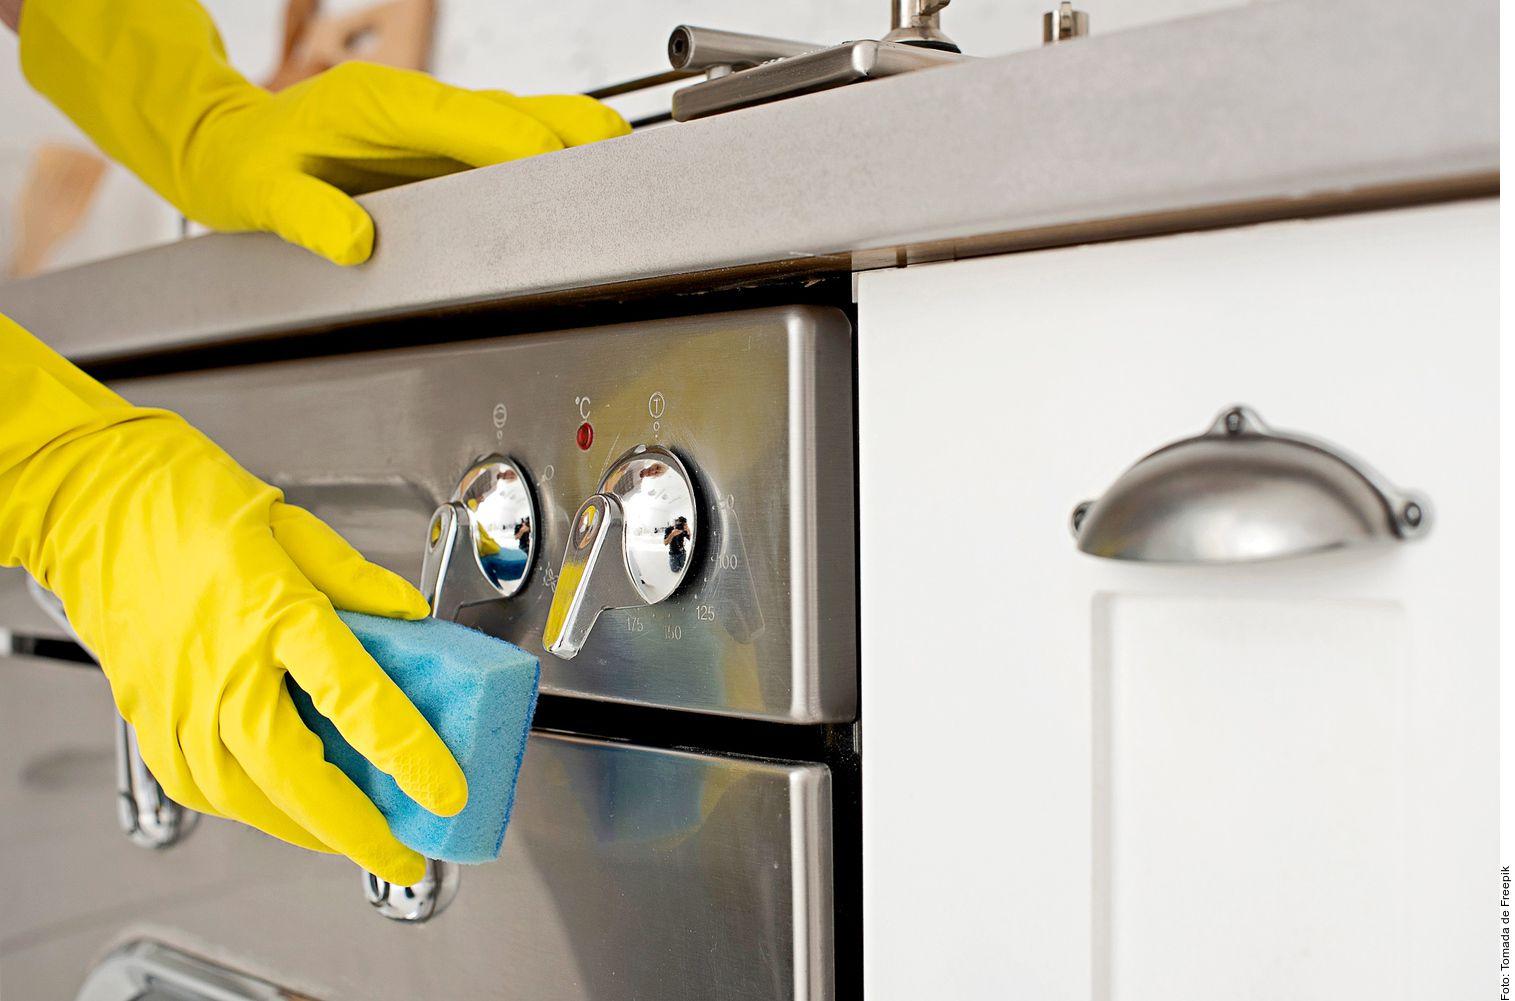 Generalmente, puedes utilizar una solución de agua y jabón y secar con un trapo húmedo limpio las veces que sea necesario hasta eliminar el excedente de jabón.